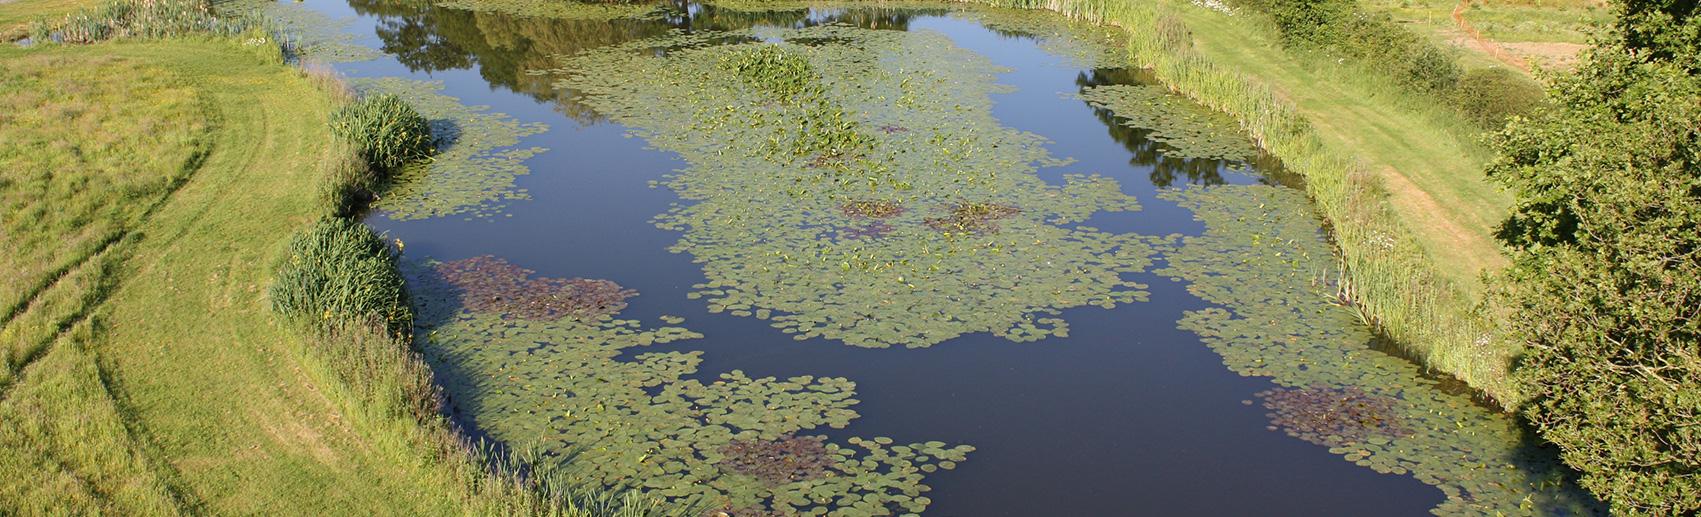 copse meadow fishing lake - newdigate farms estate